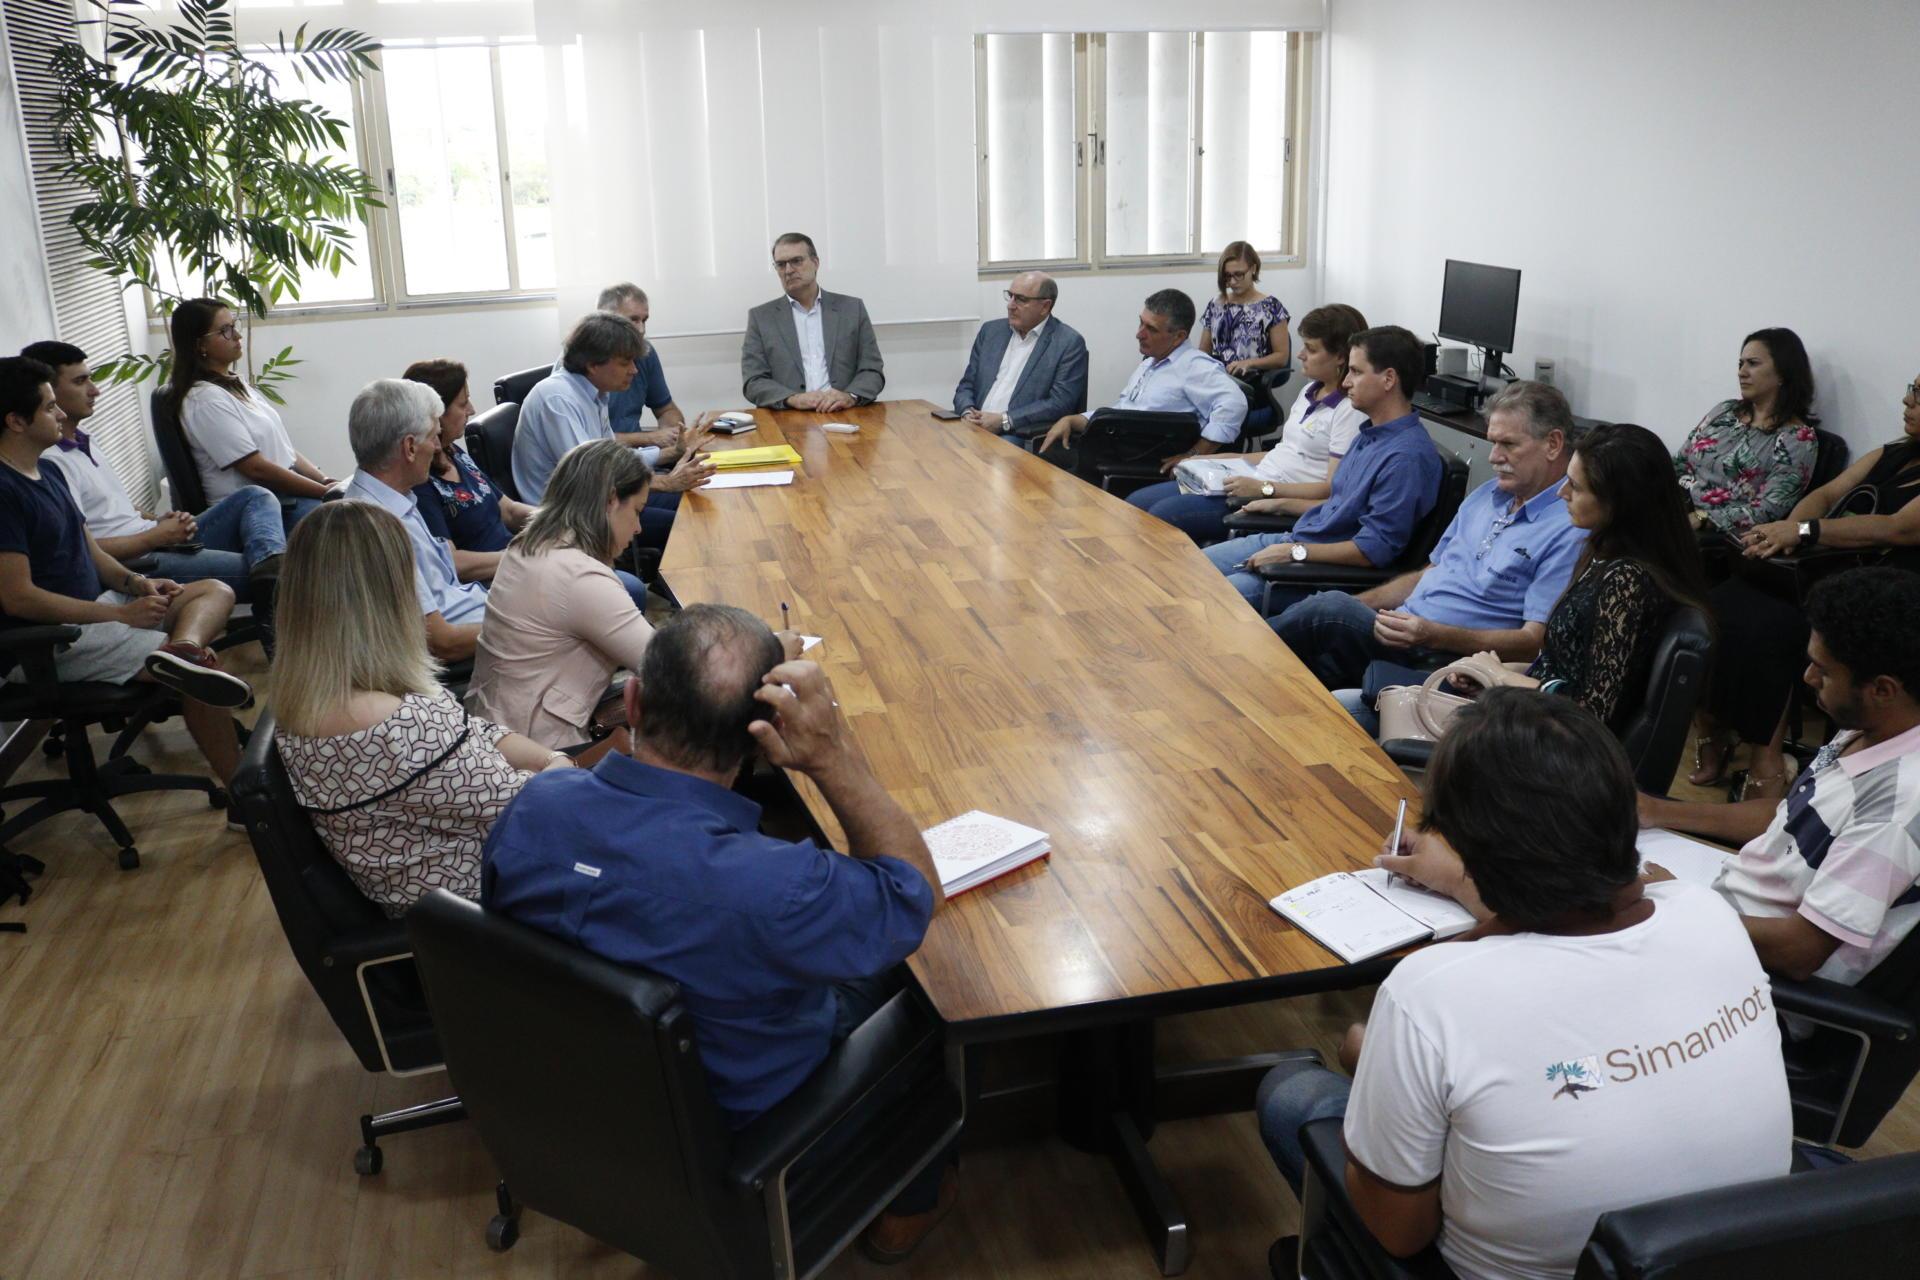 Foto colorida horizontal mostra o reitor sentado na cabeceira da mesa, e outras pessoas ao redor